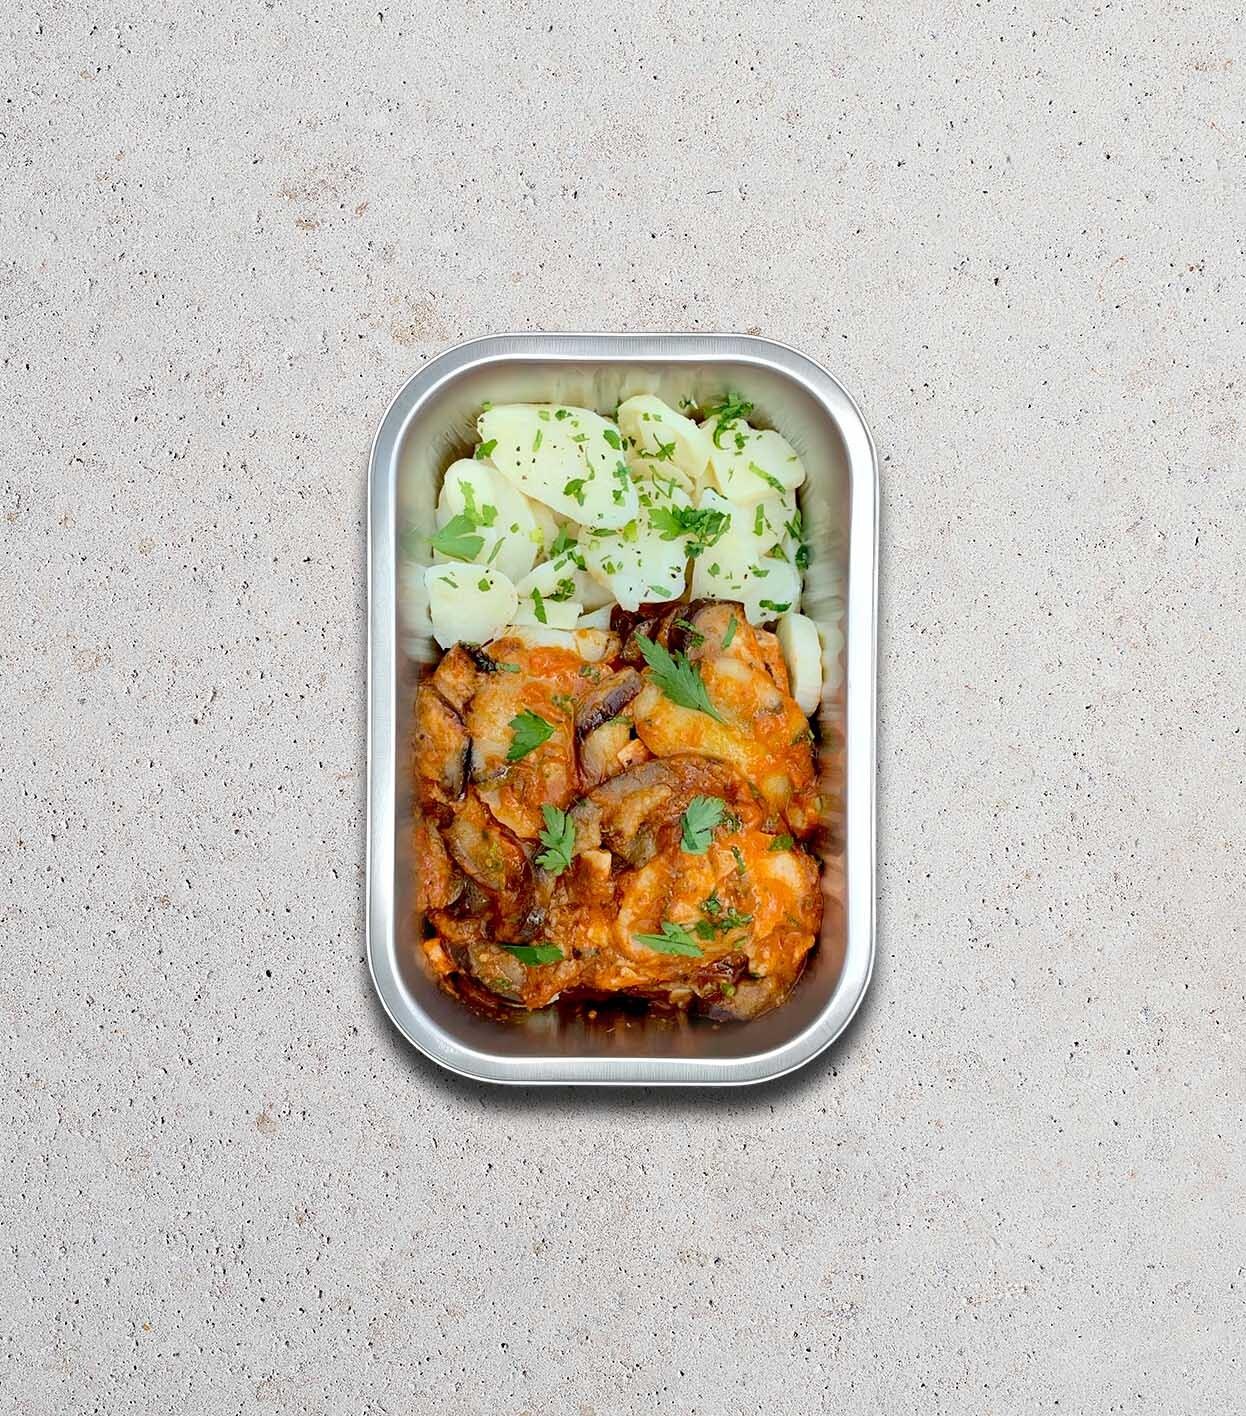 gezonde bereide maaltijd met Aubergine - tomaat - aardappel - mozzarella - basilicum